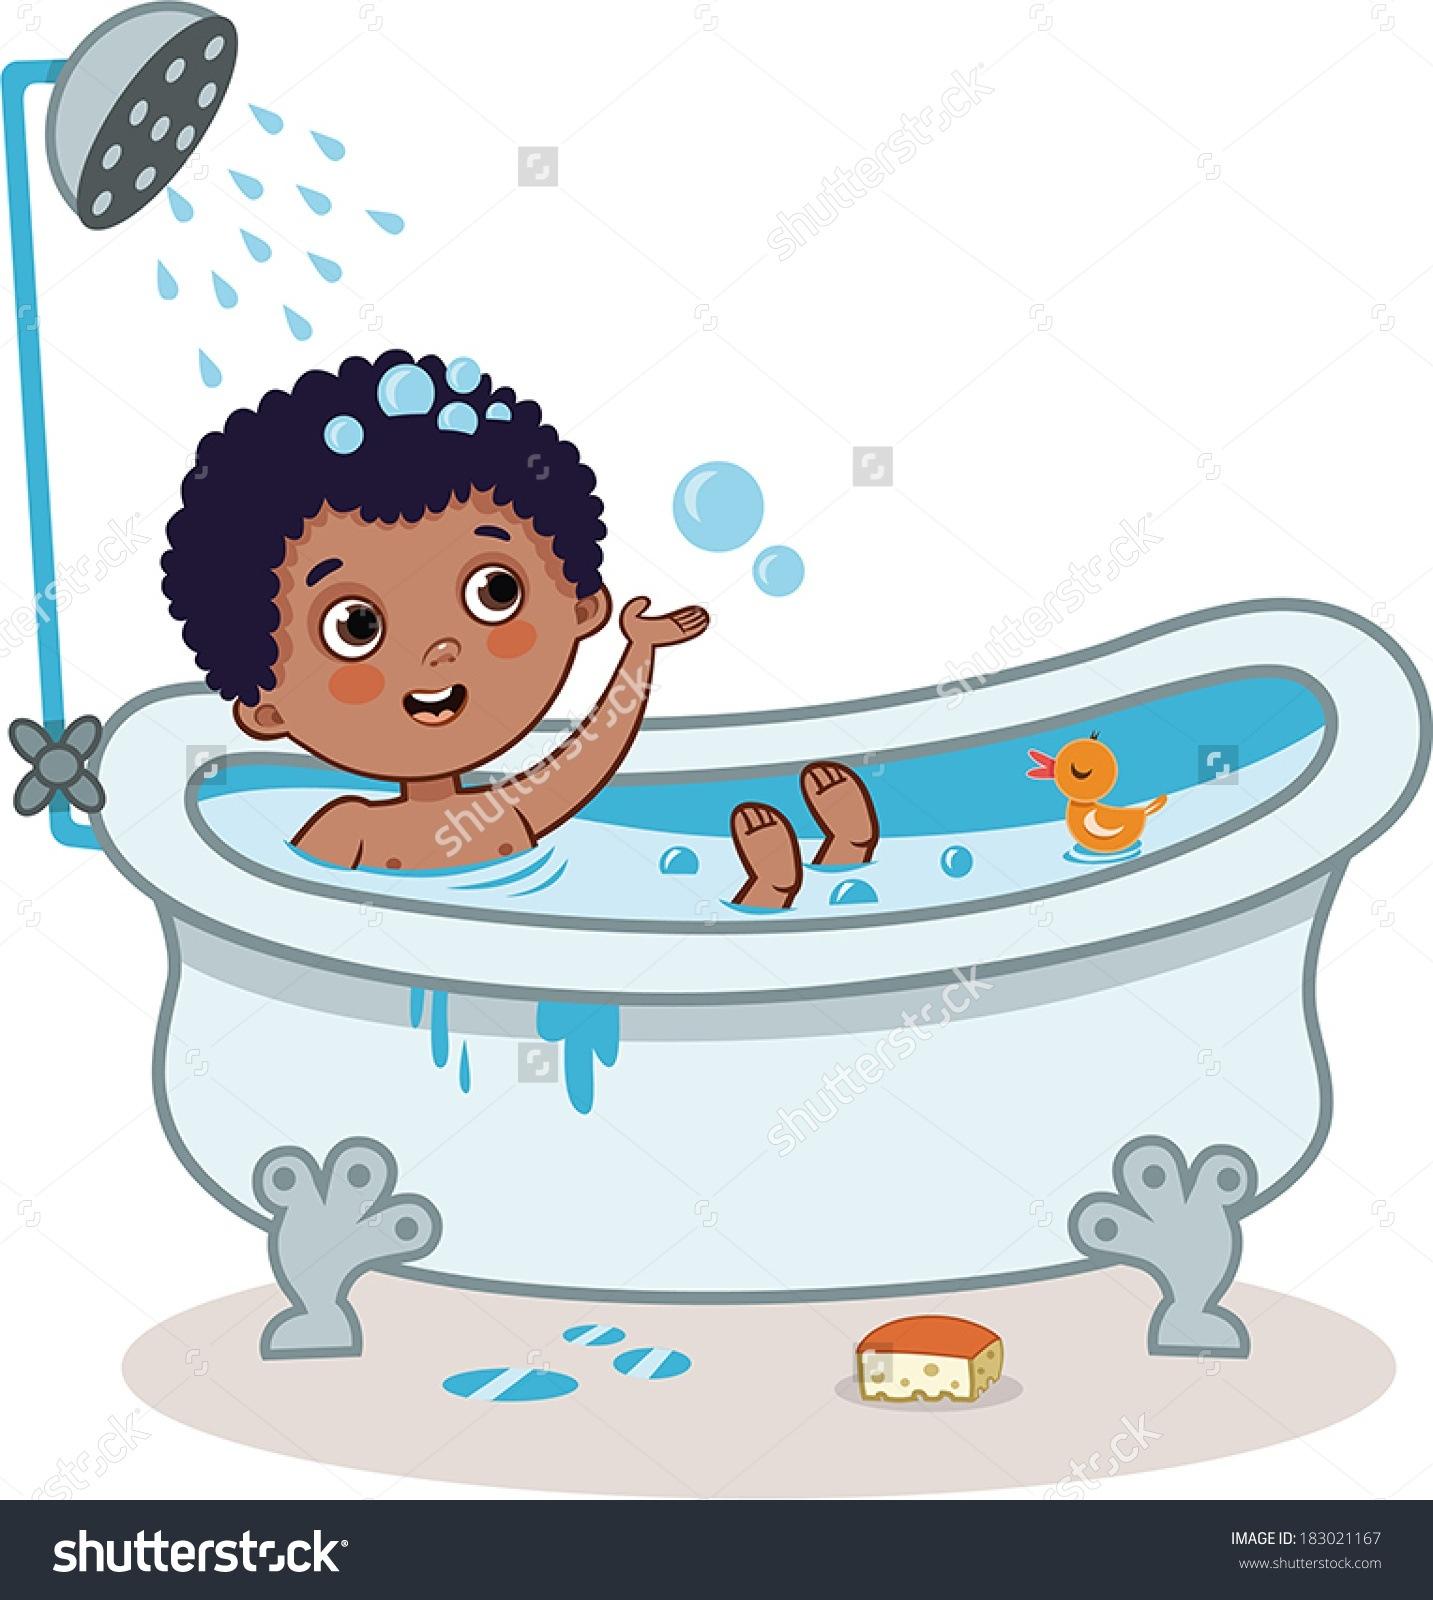 Bath clipart bath time, Bath bath time Transparent FREE ...